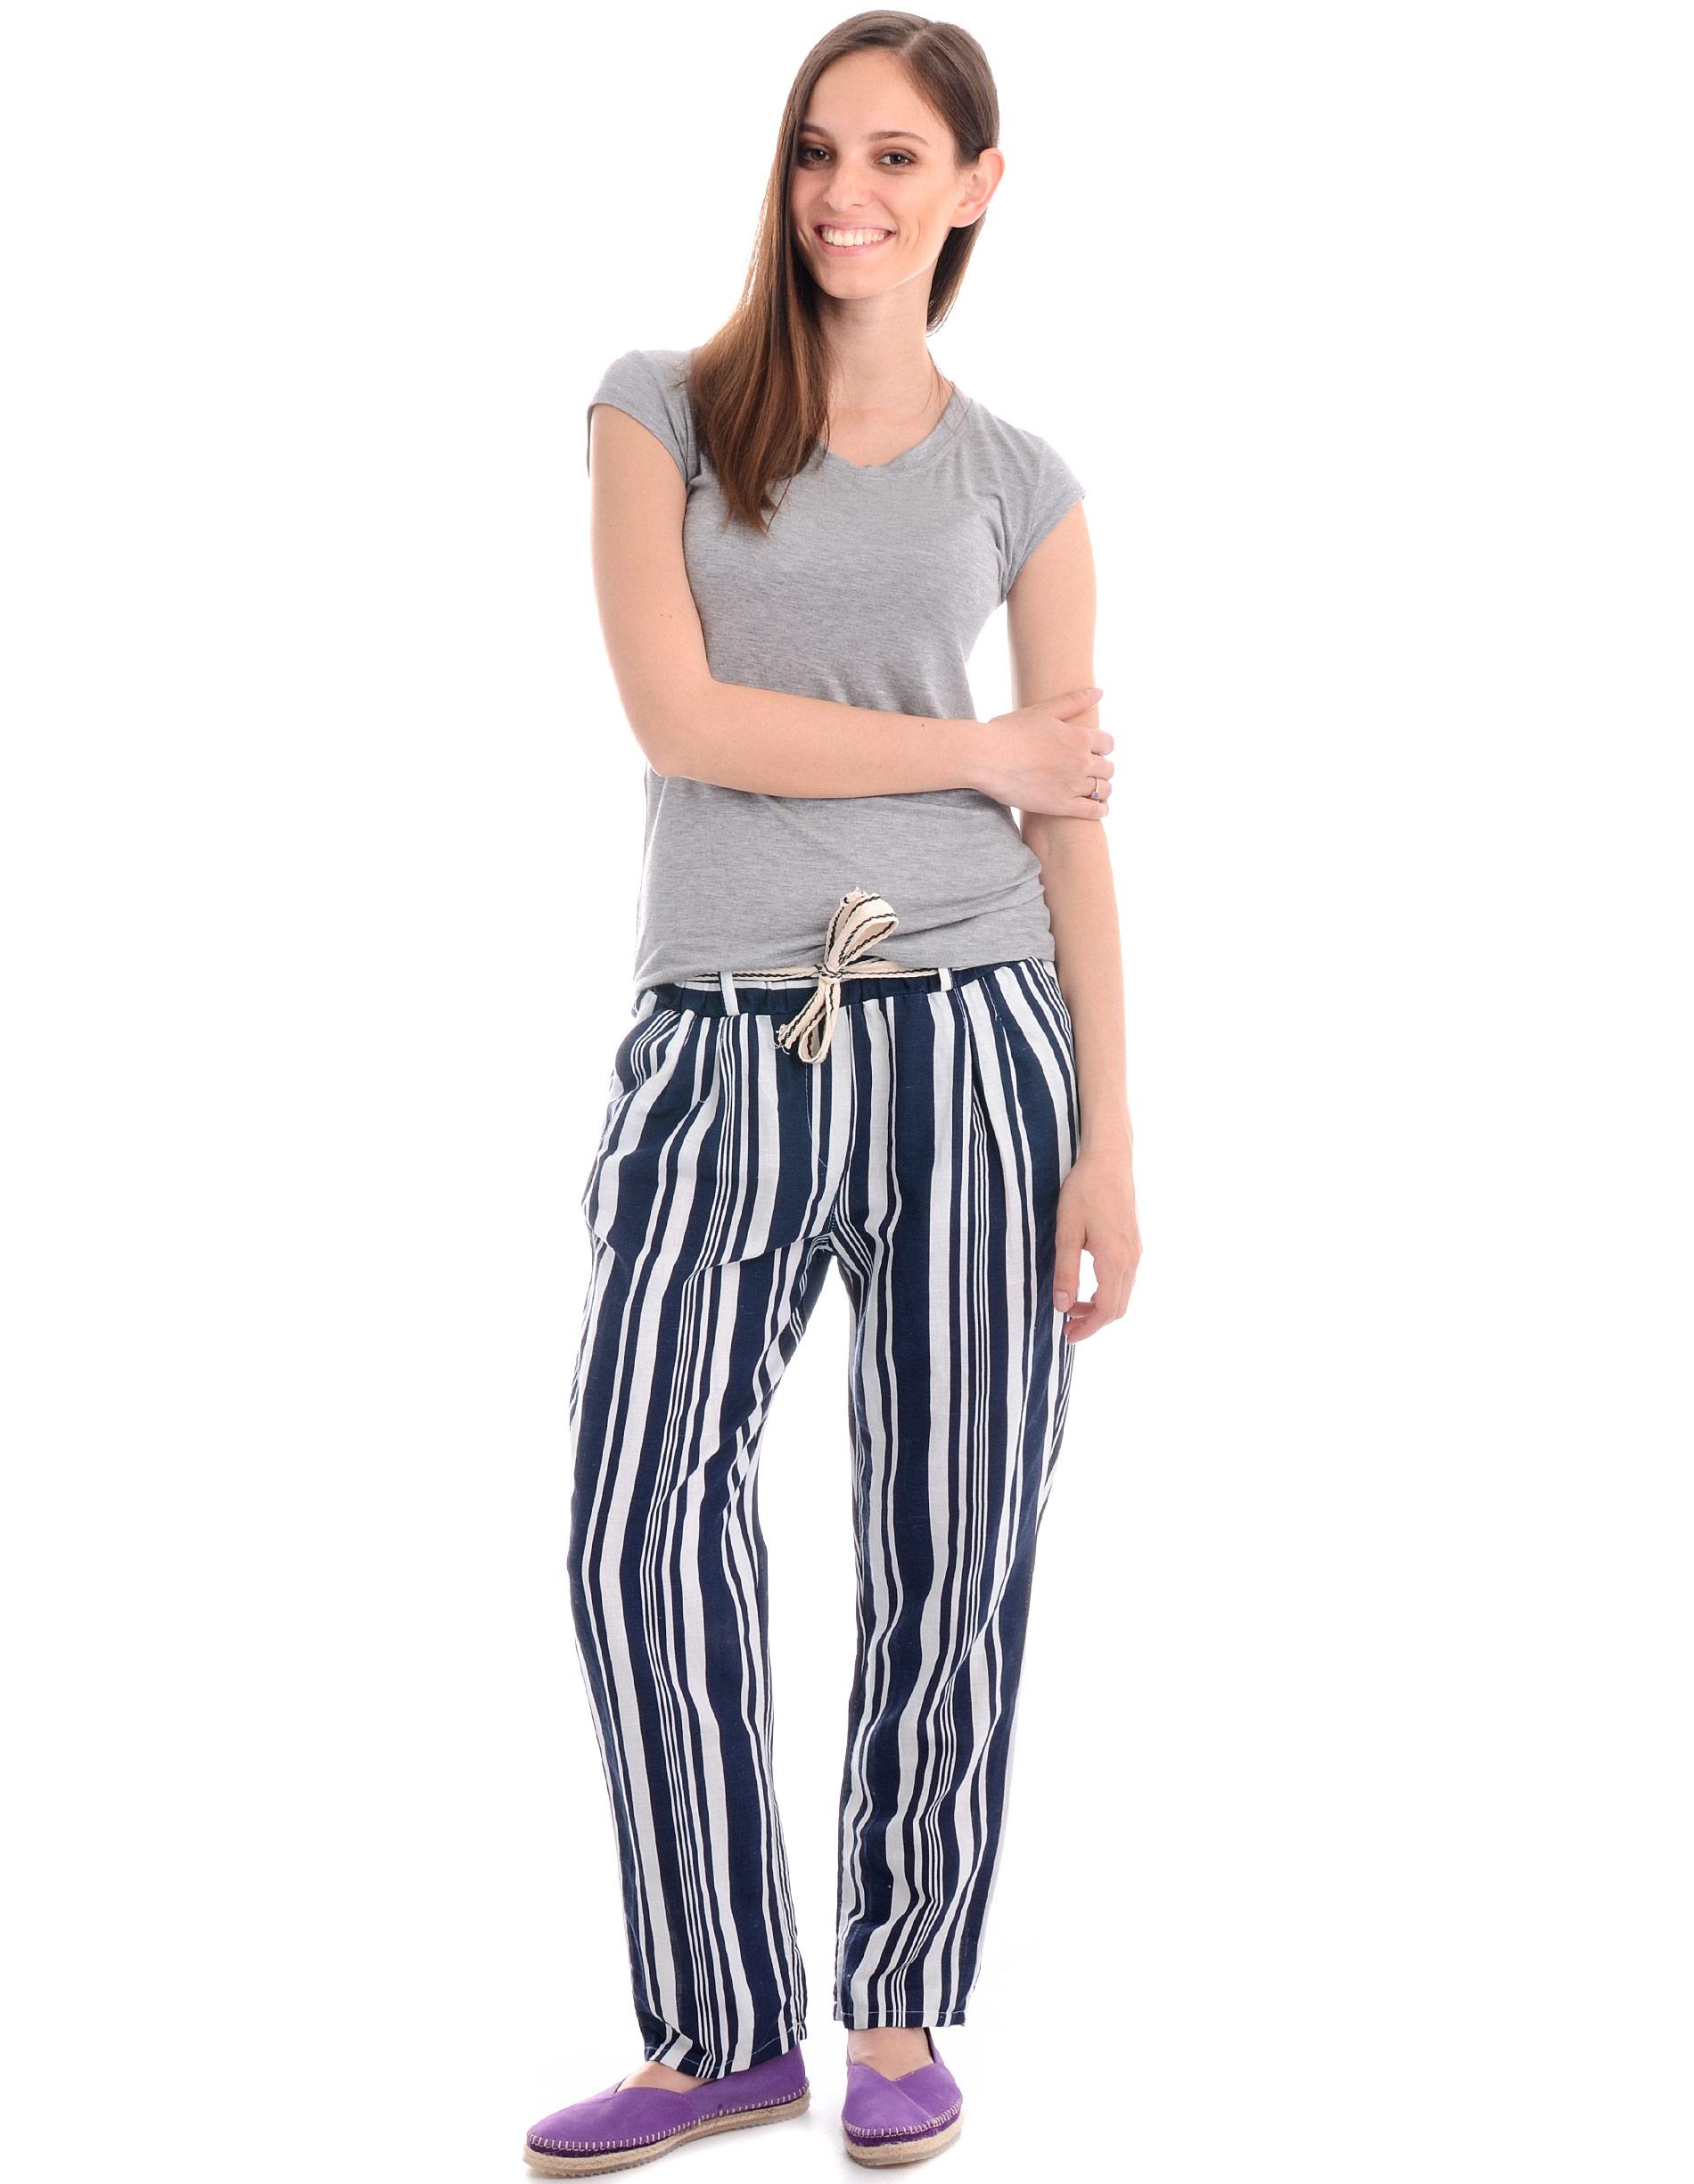 Spodnie - 54-5262 BLU - Unisono